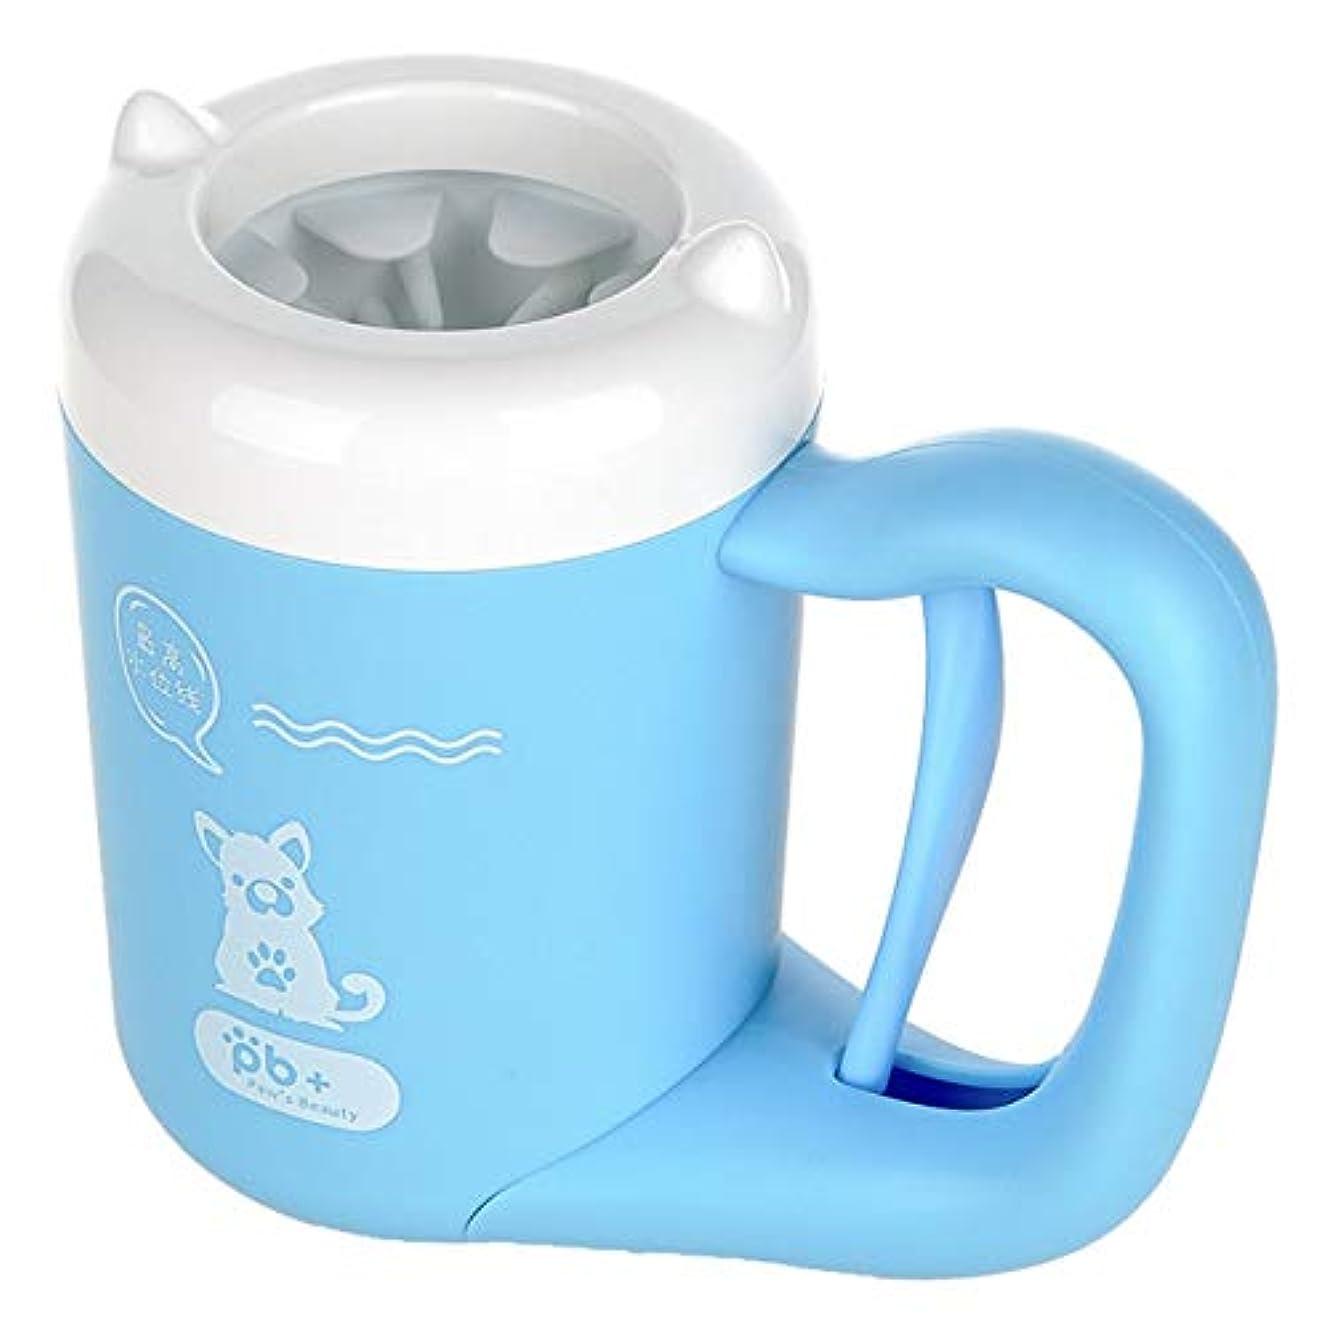 空虚校長きつく犬足用洗剤携帯用ペットフットウォッシャーウォッシャーカップ快適なシリコーン犬猫用クリーニング用品(色:青)